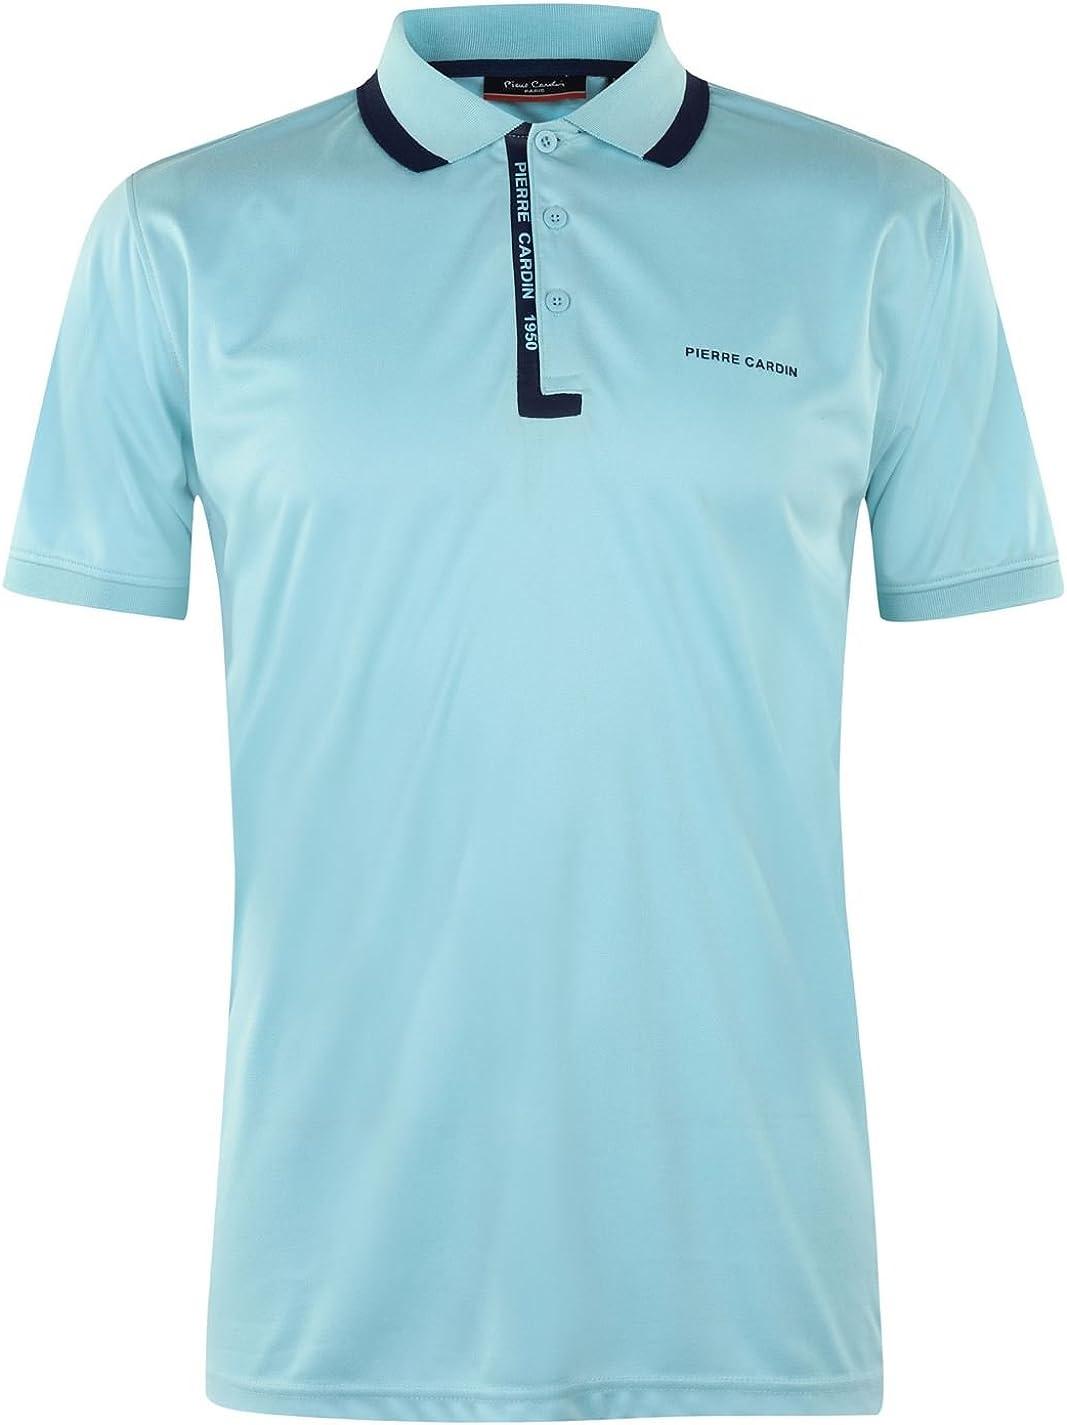 Pierre Cardin Hombre Fine Pique Camisa Polo Azul XXXL: Amazon.es: Ropa y accesorios